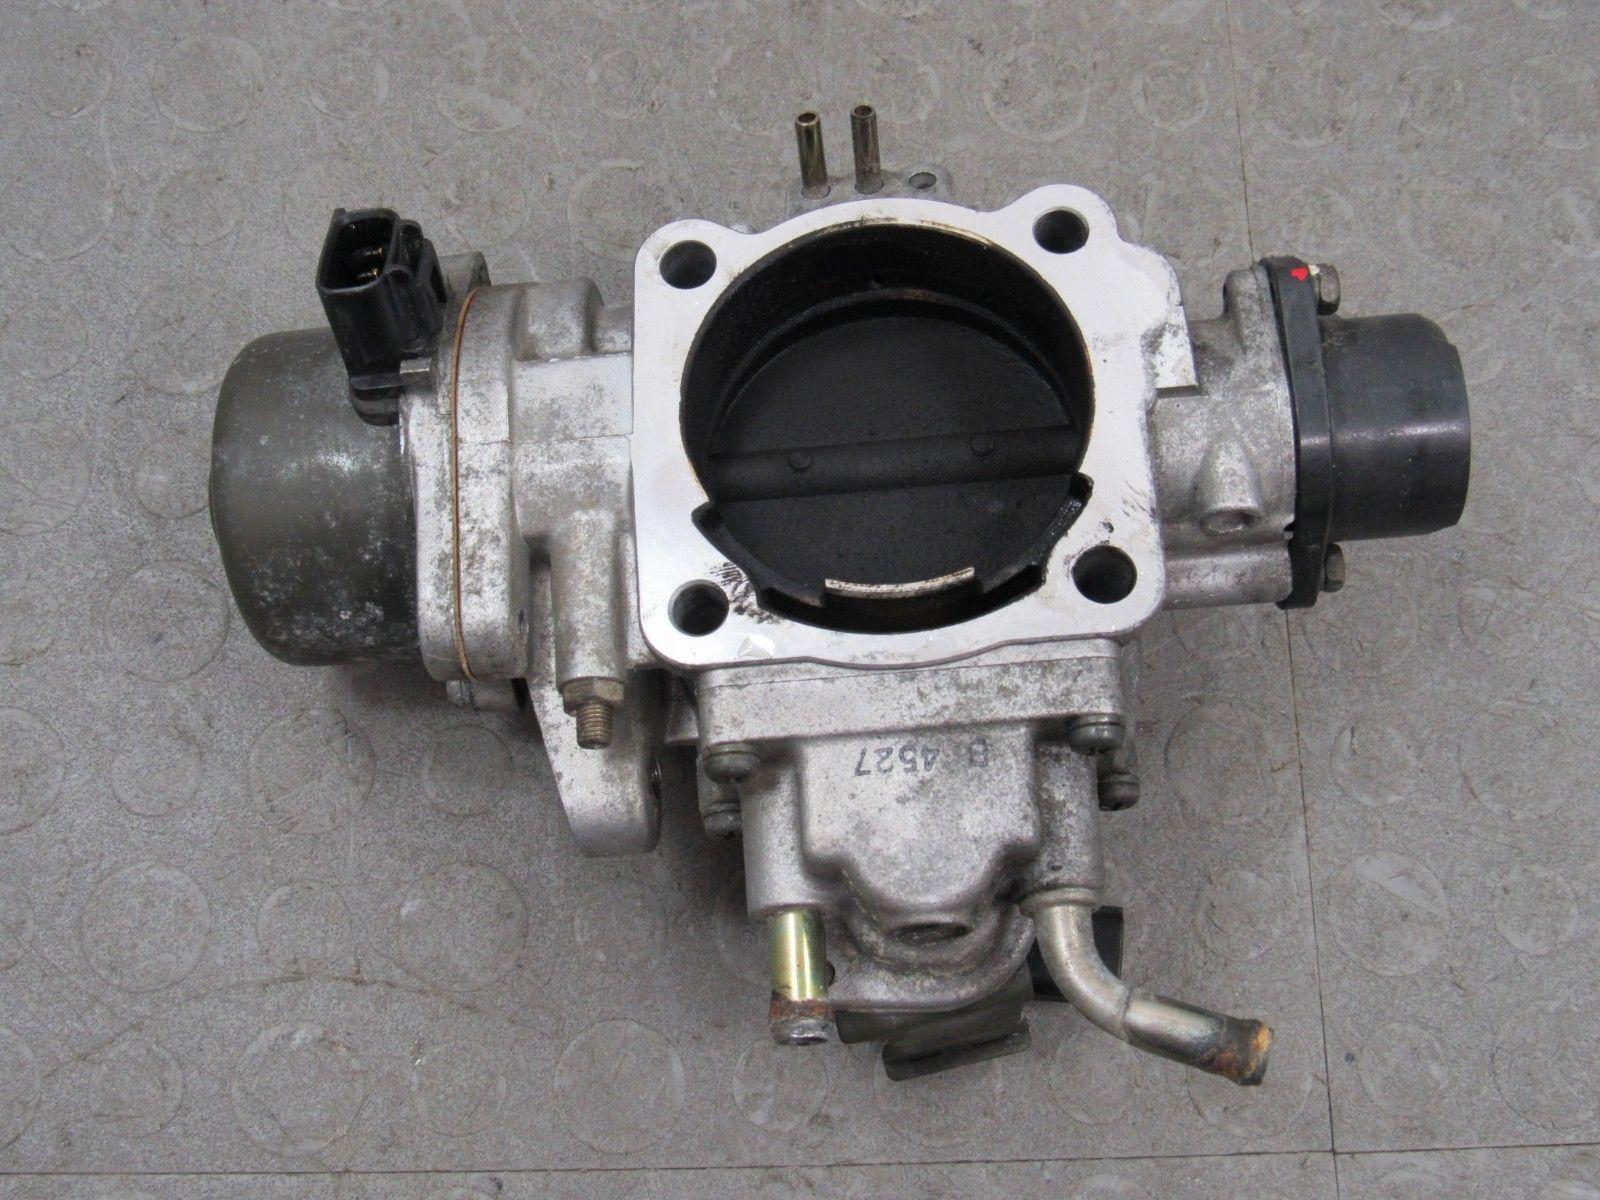 04-06 Kia Amanti 03-05 Hyundai Santa Fe Throttle Body Valve Actuator  E0T70473 WS